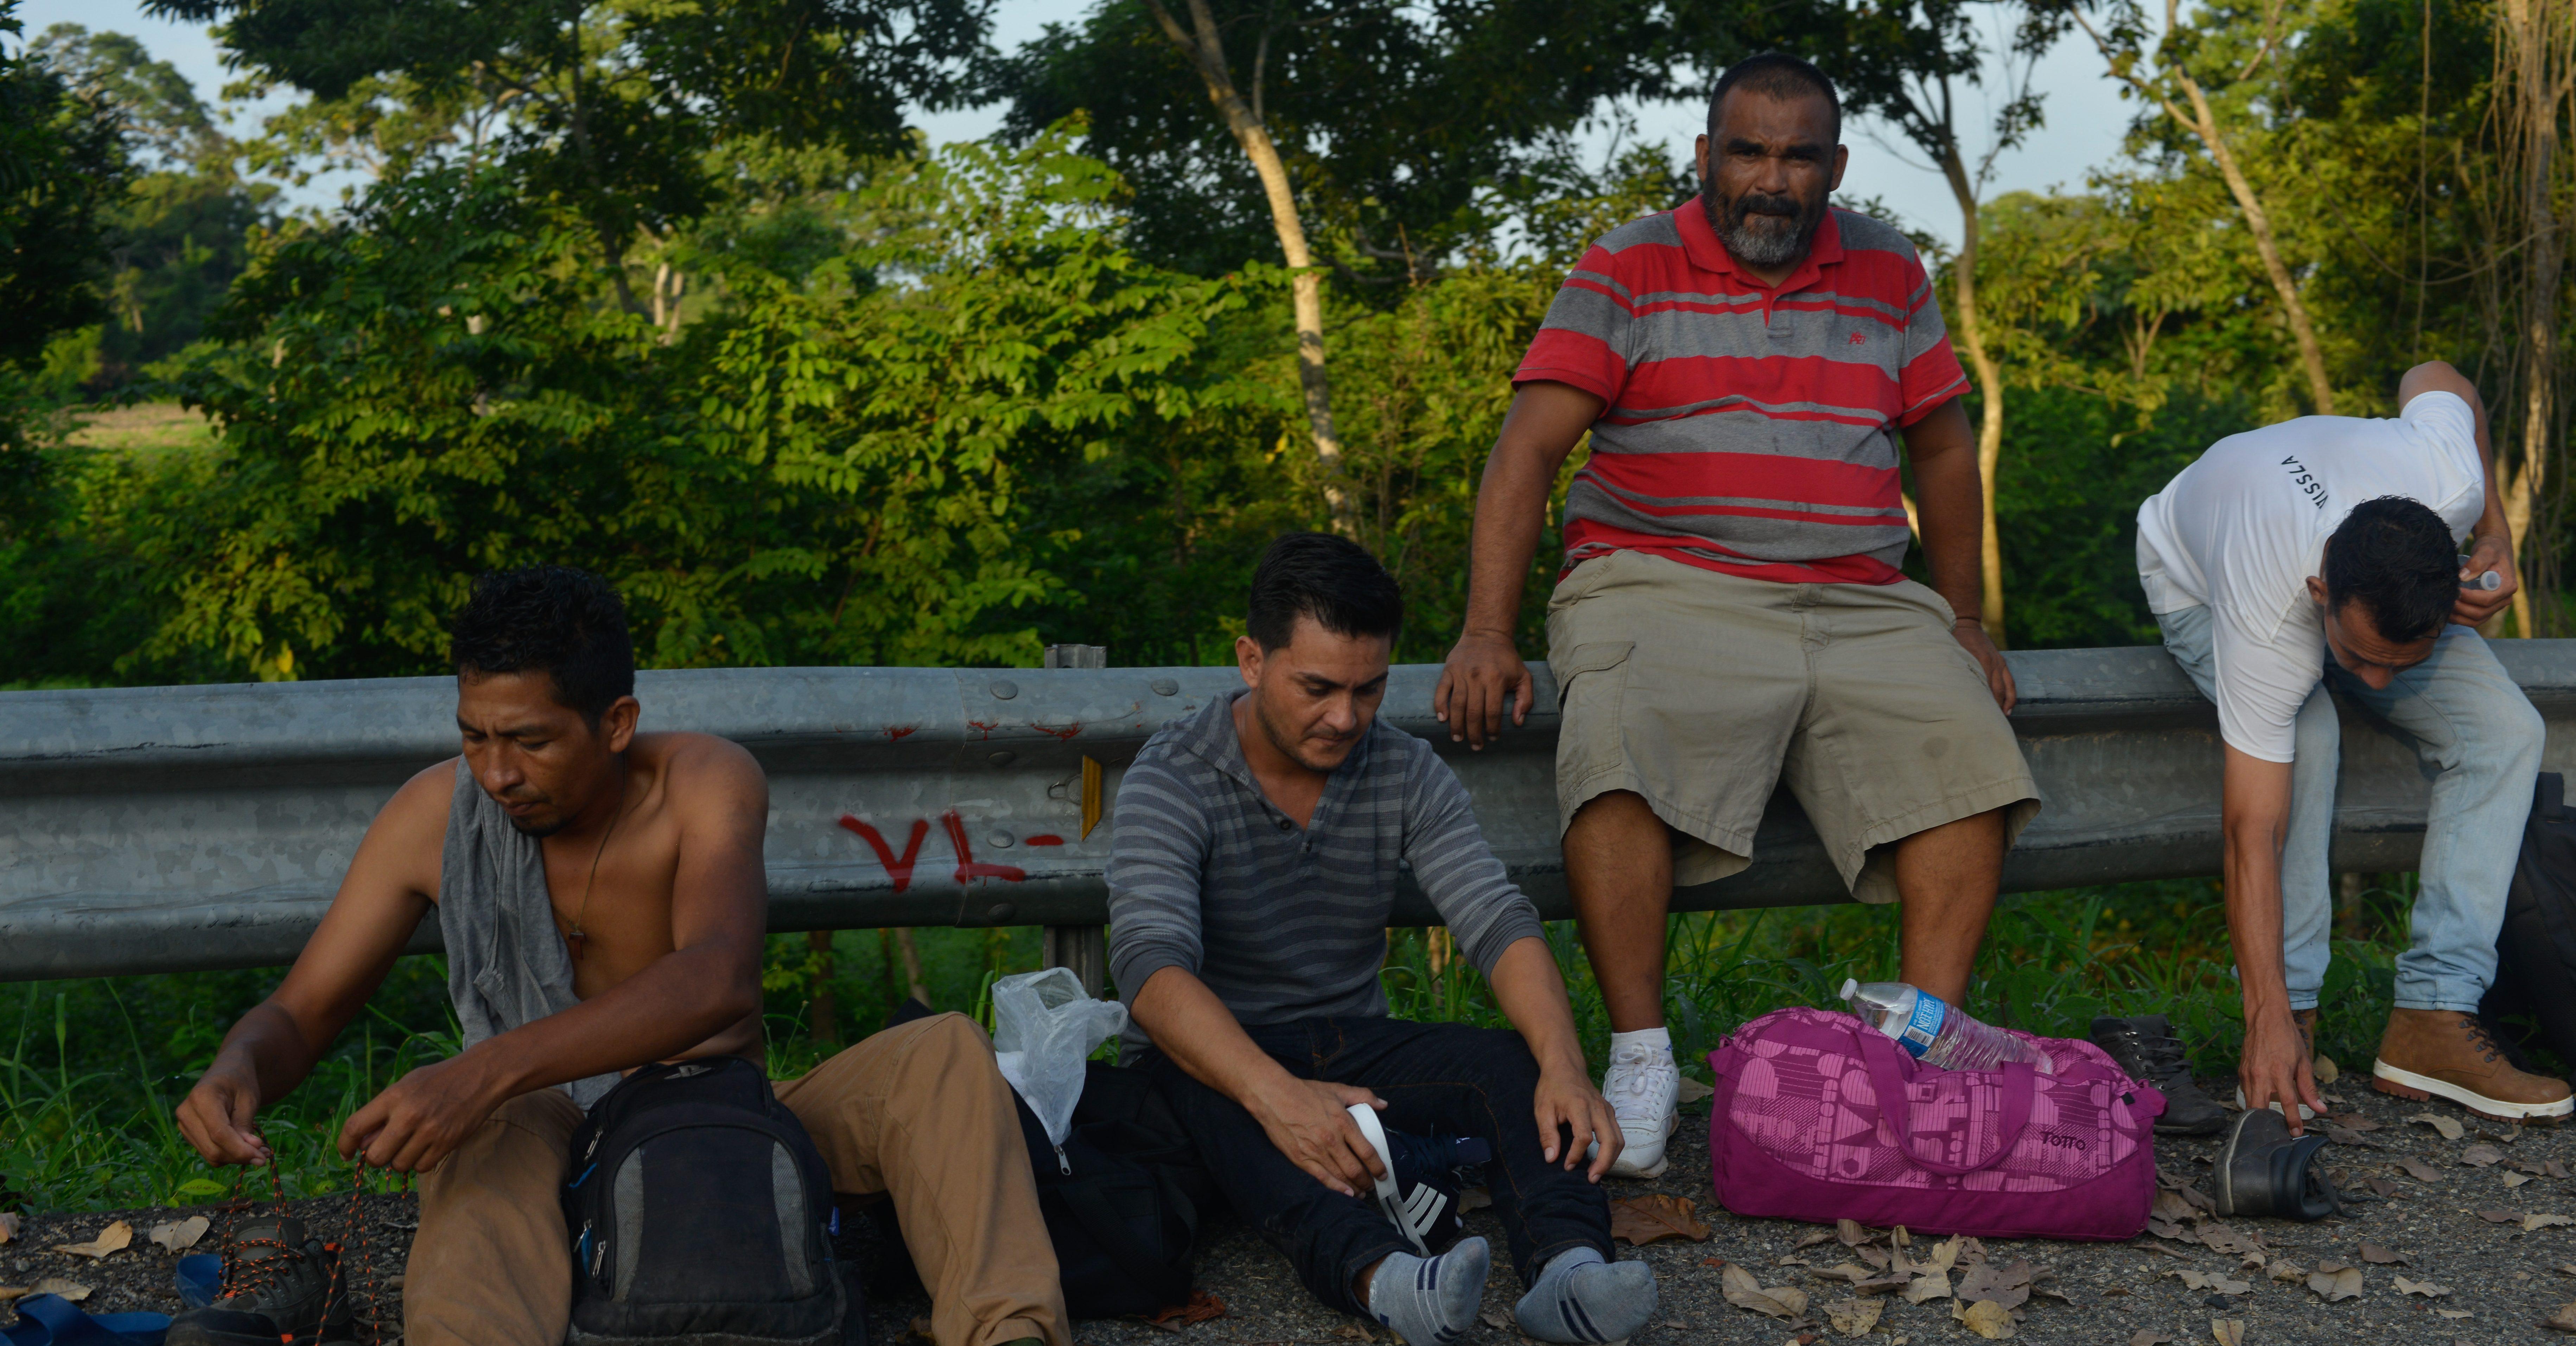 México es responsable de la seguridad de los migrantes estén de paso o esperando asilo: ACNUR